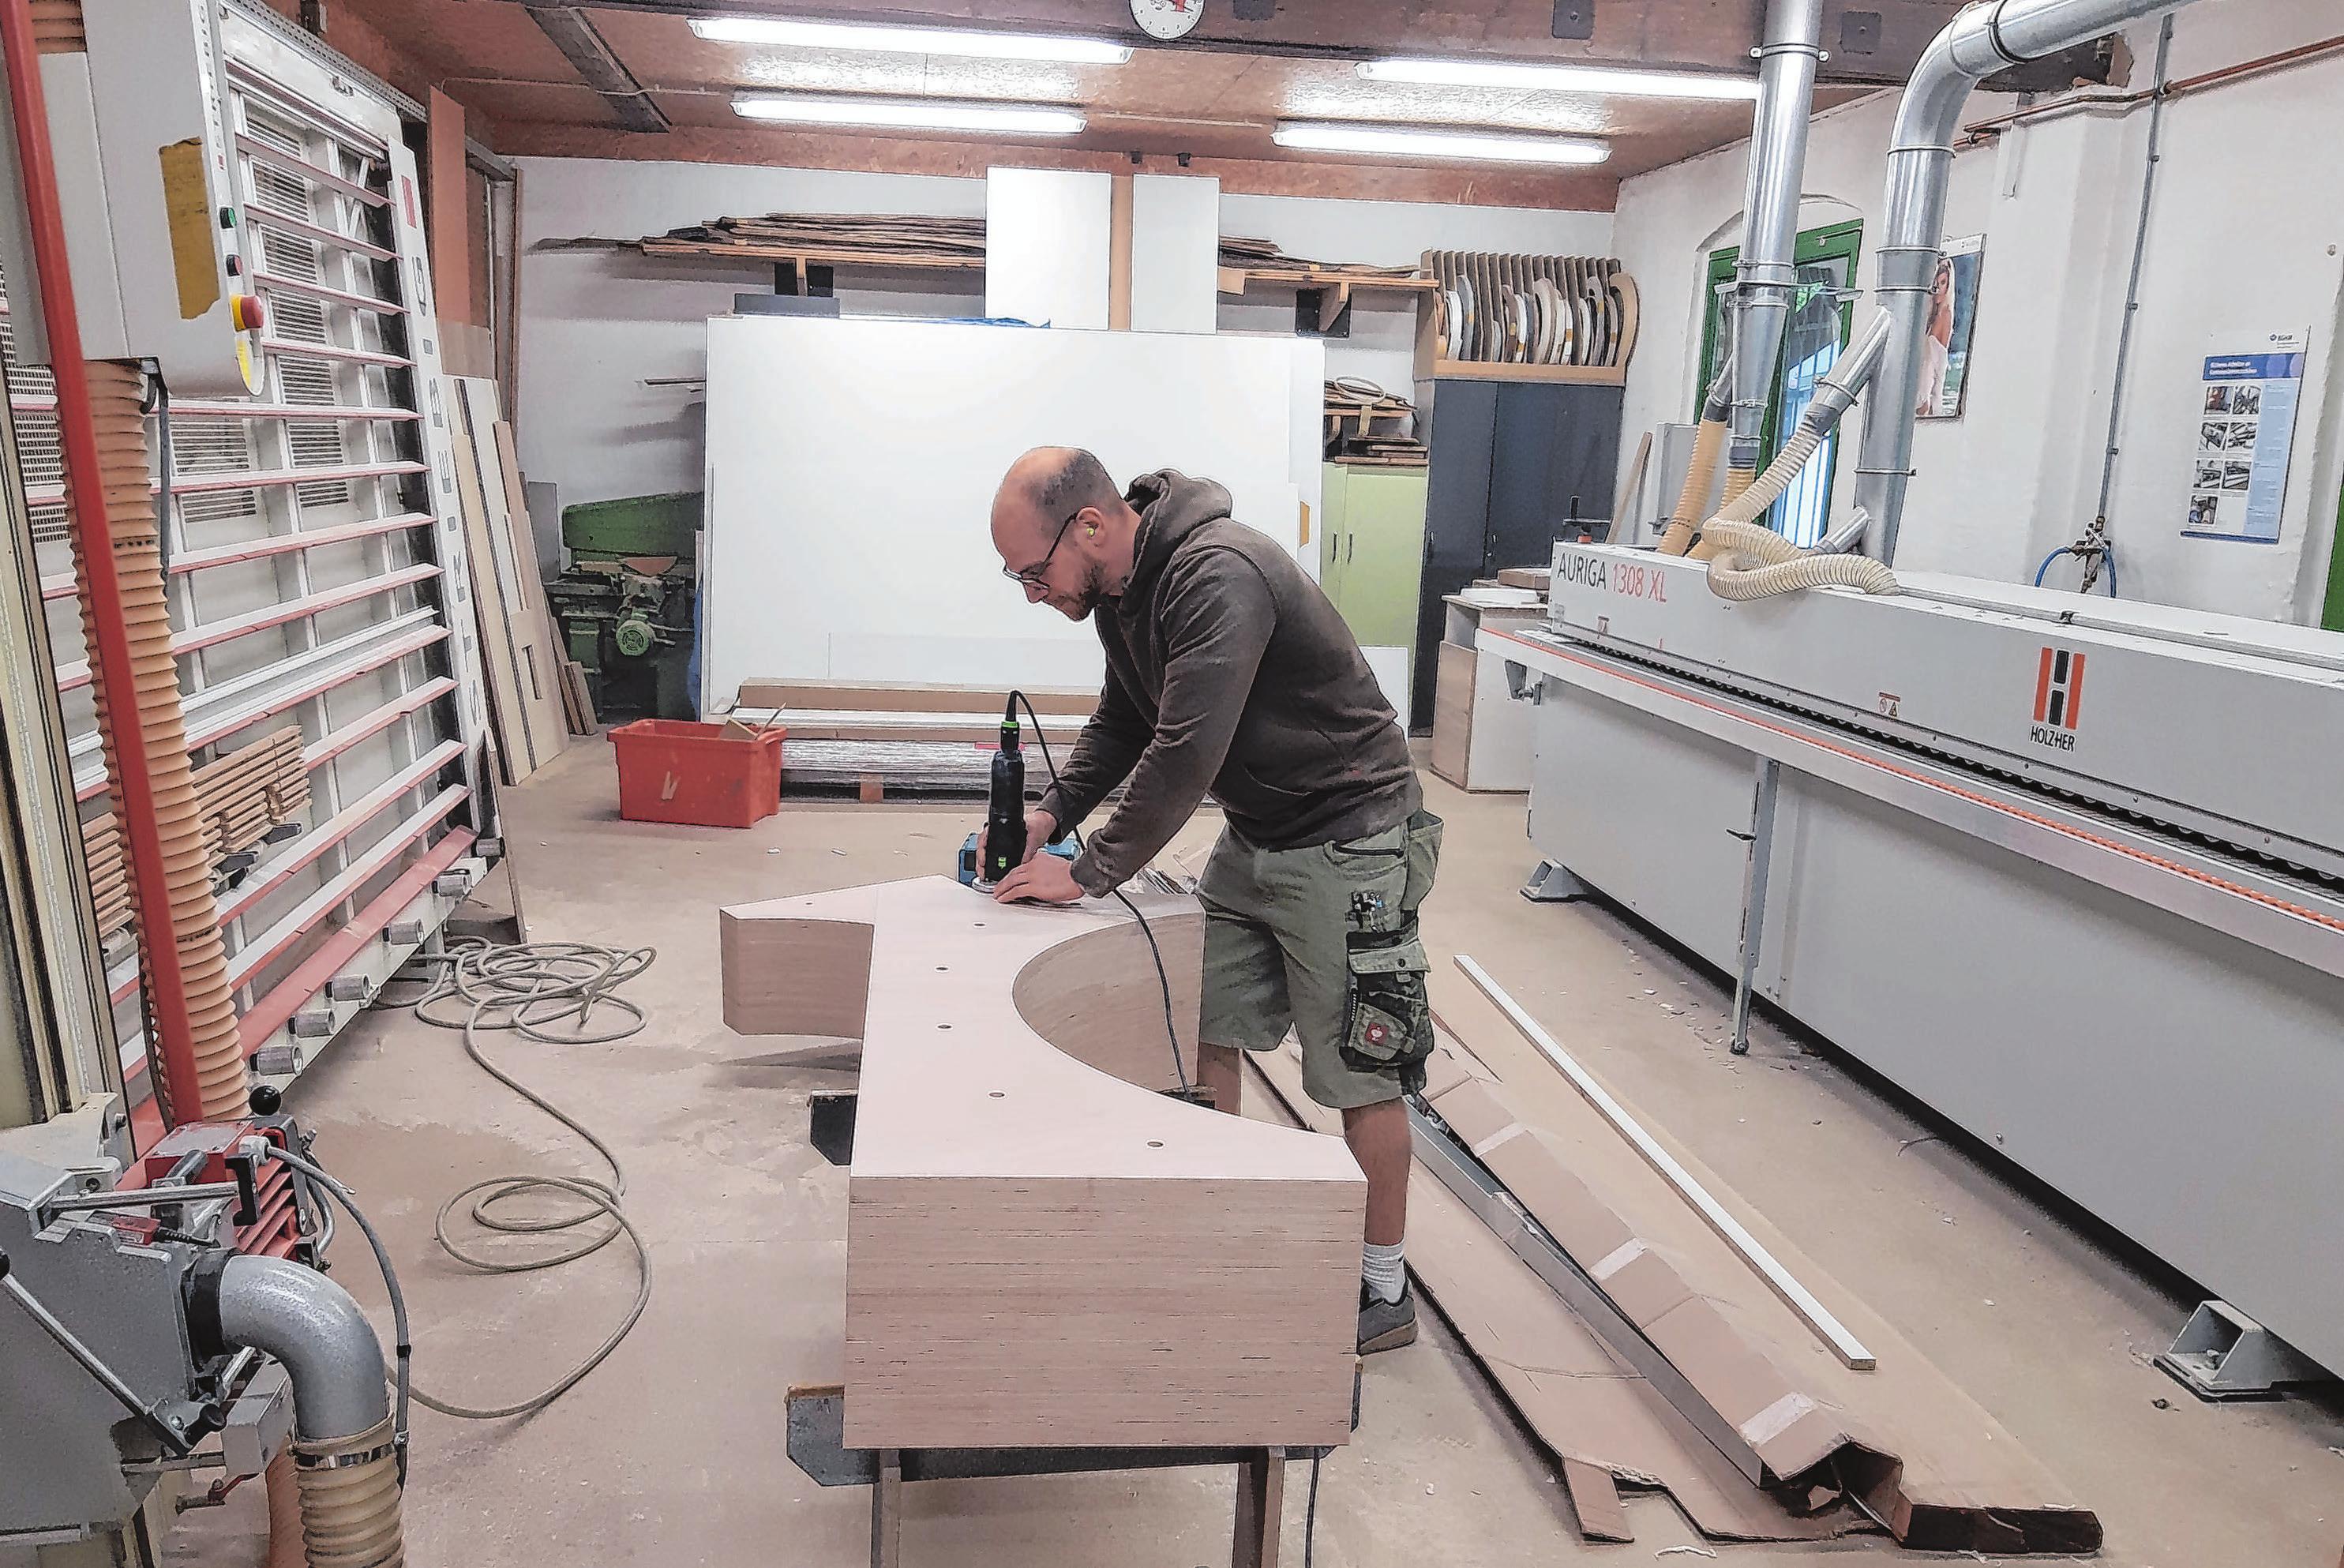 In der modernen Werkstatt: Peter Maron, früher selbst einmal Lehrling in der Bad Saarower Tischlerei, arbeitet dort inzwischen seit einigen Jahren.